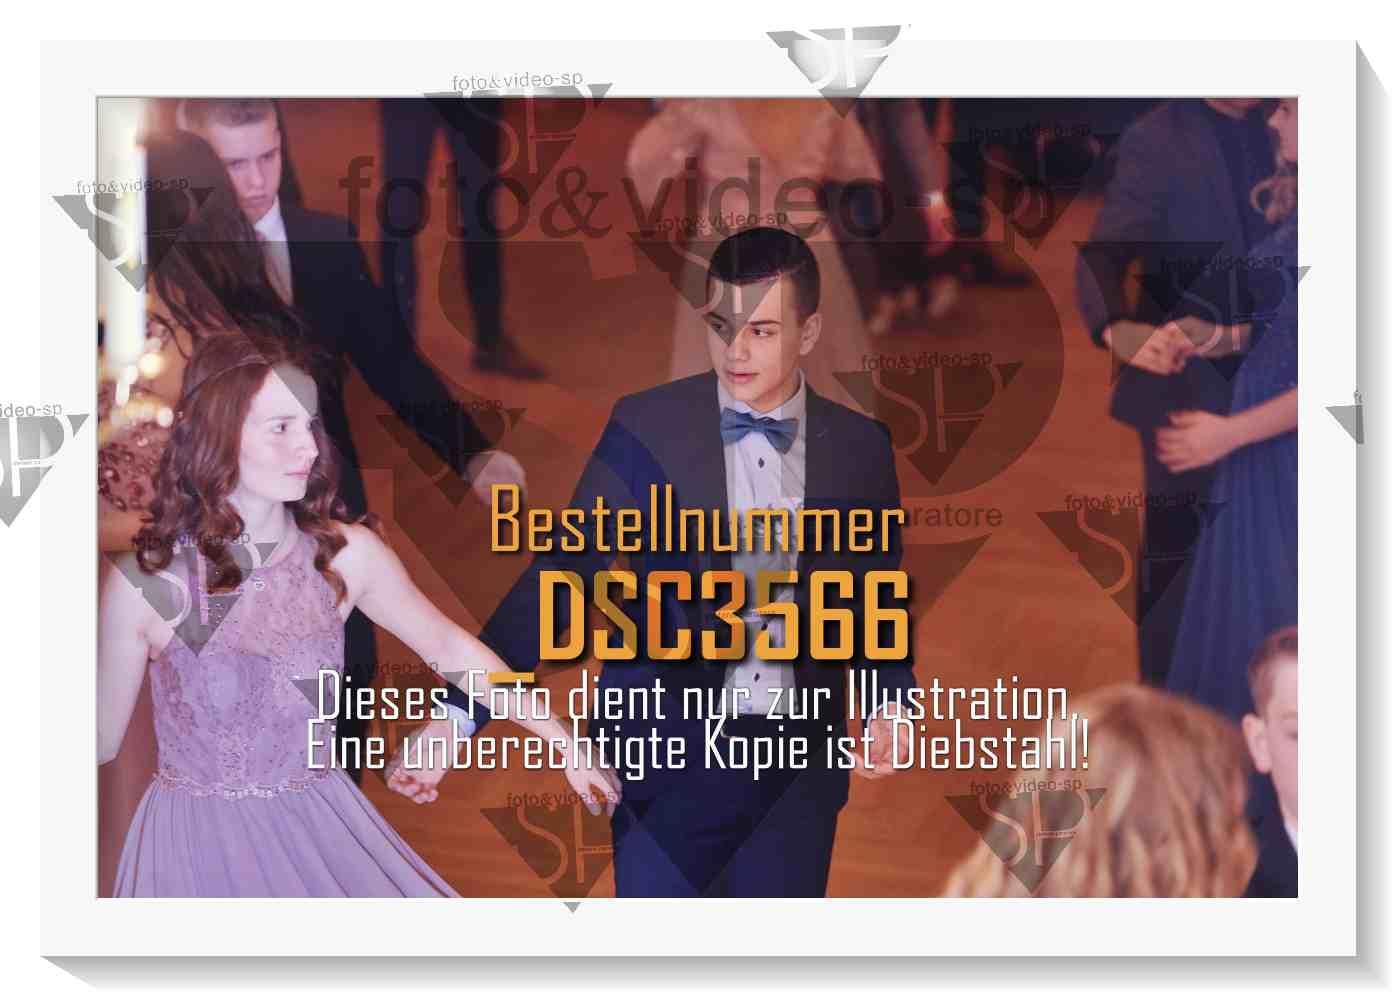 DSC3566